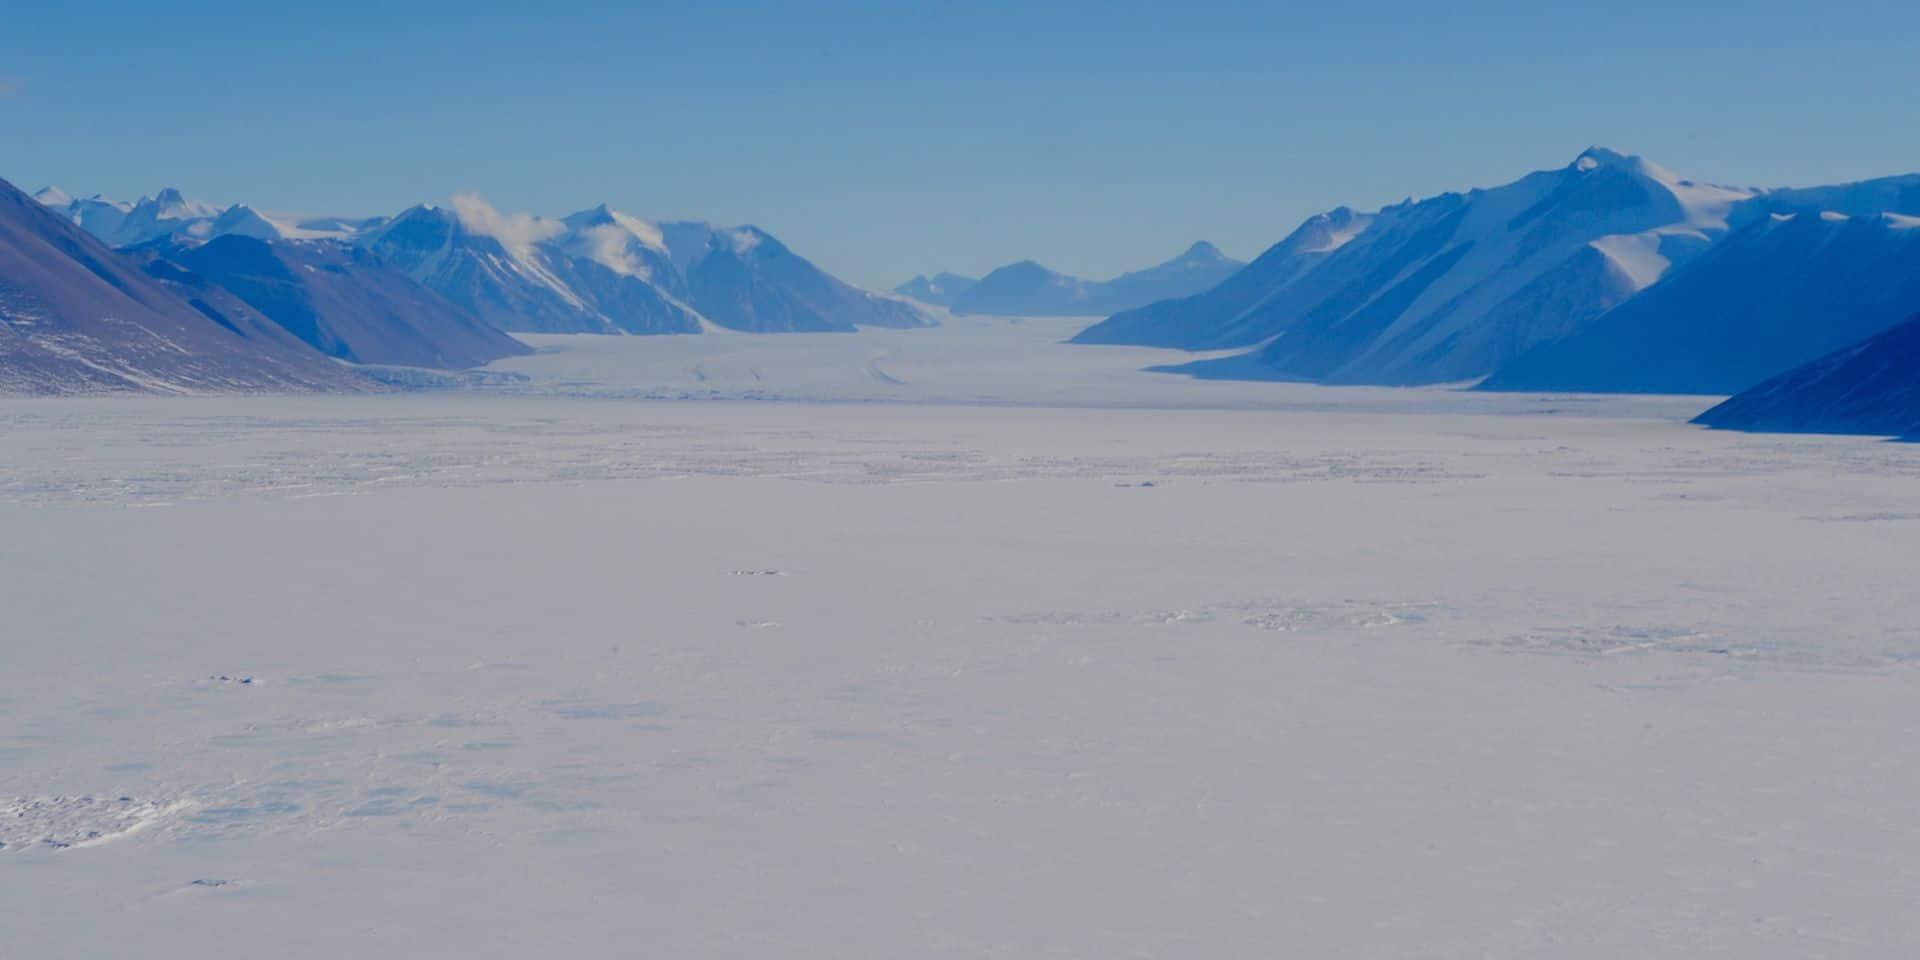 Réchauffement 3 fois plus rapide au Pôle Sud que dans le reste du monde